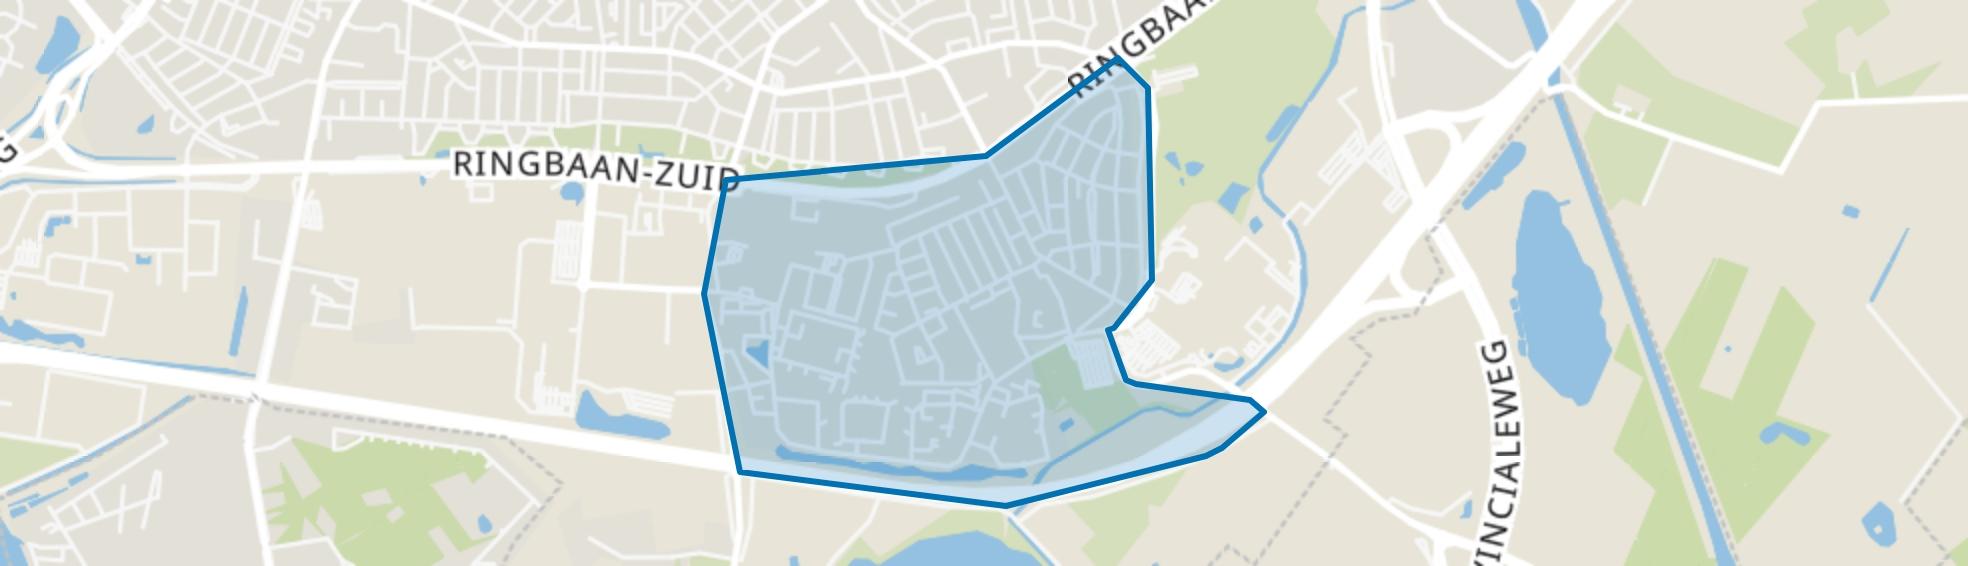 Groenewoud, Tilburg map